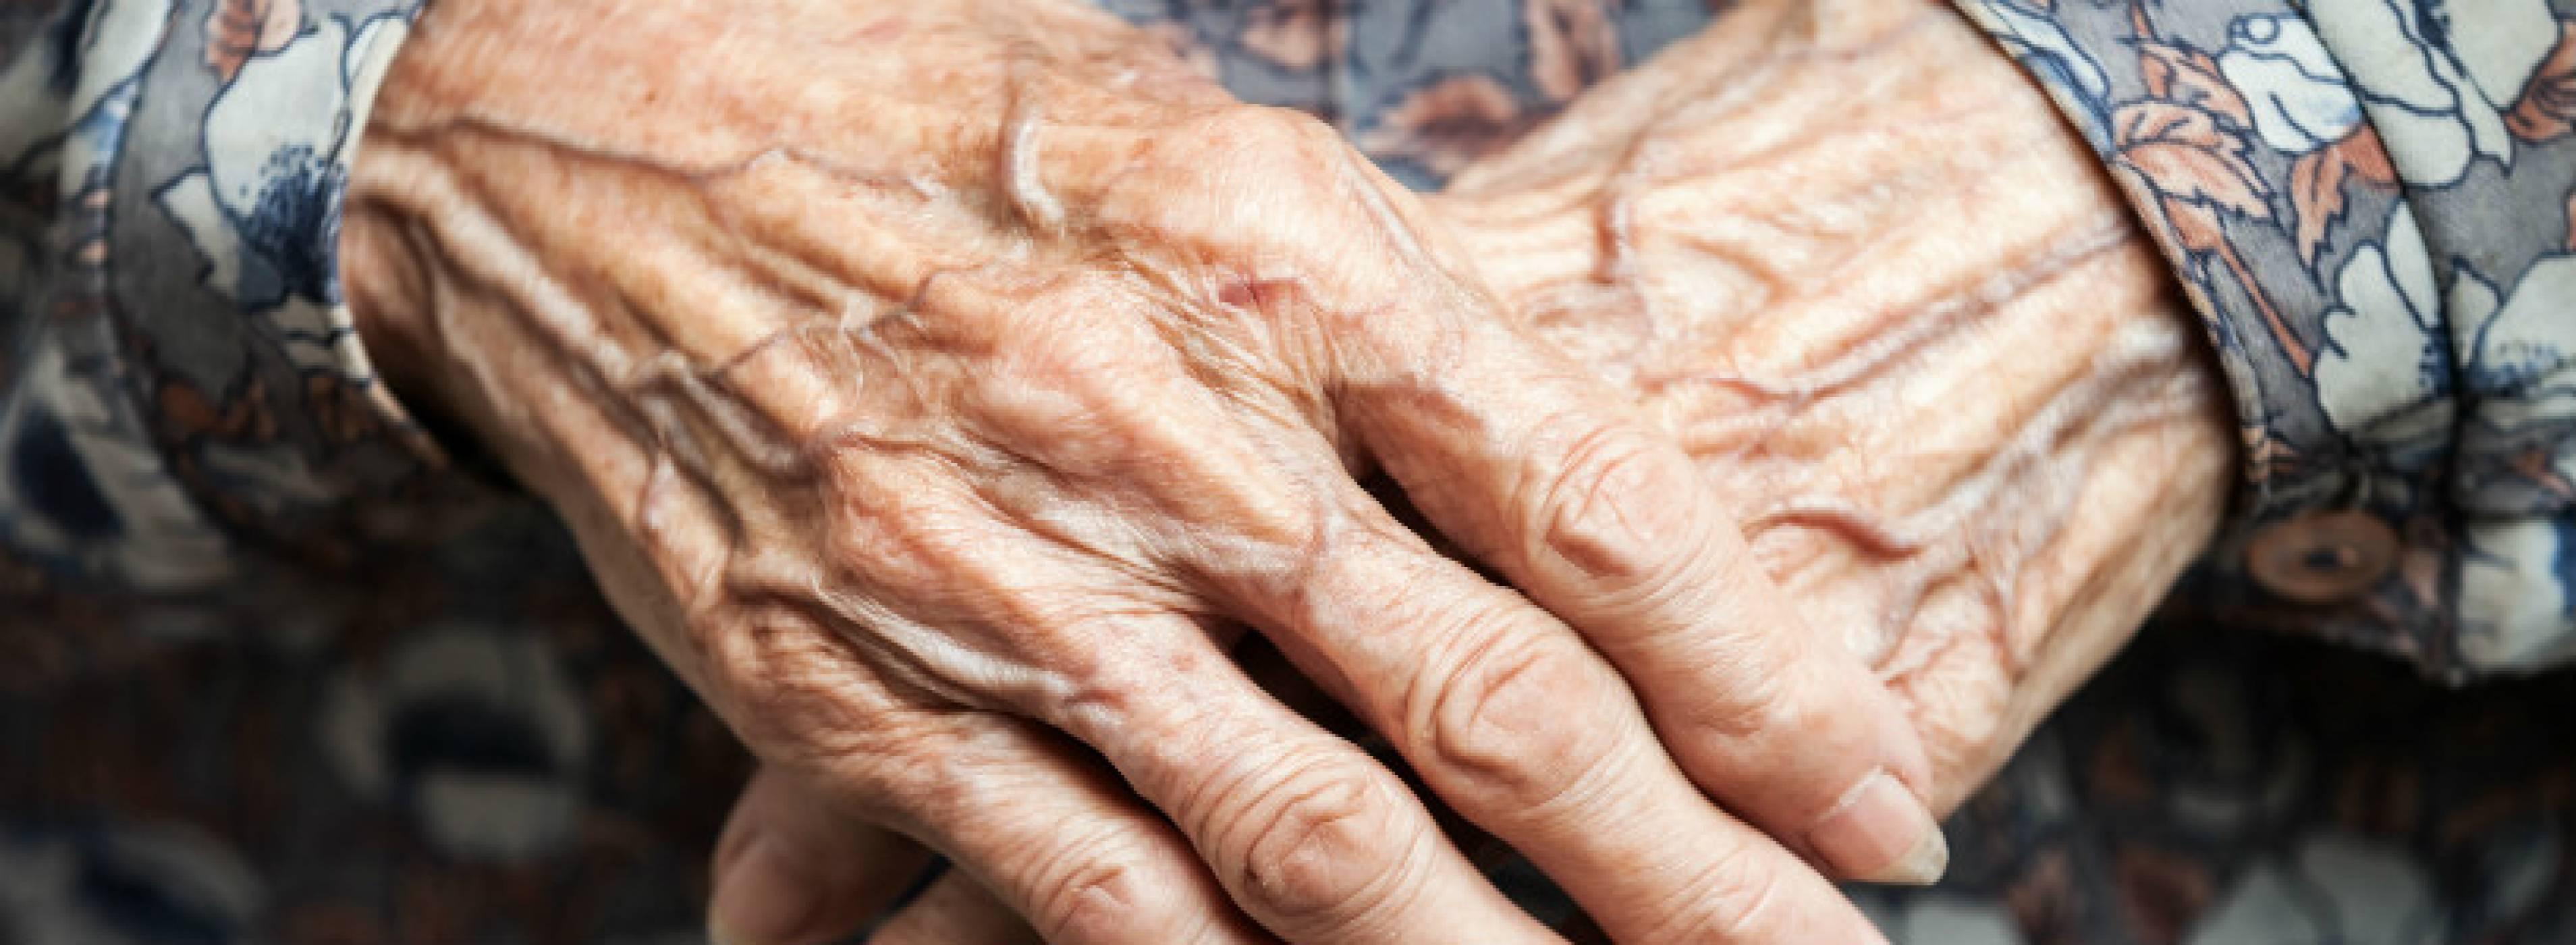 Учени разкриха как мозъкът контролира стареенето и дори успяха да го забавят